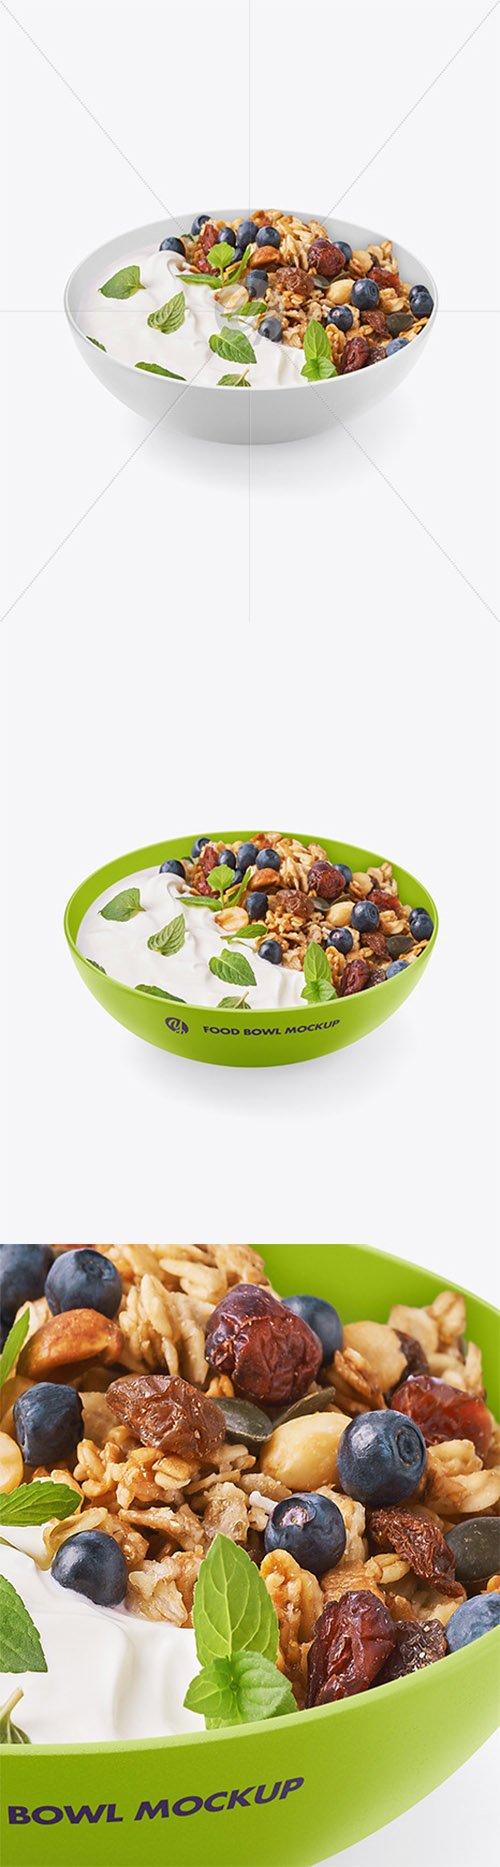 Bowl w/ Yogurt and Muesli Mockup 64512